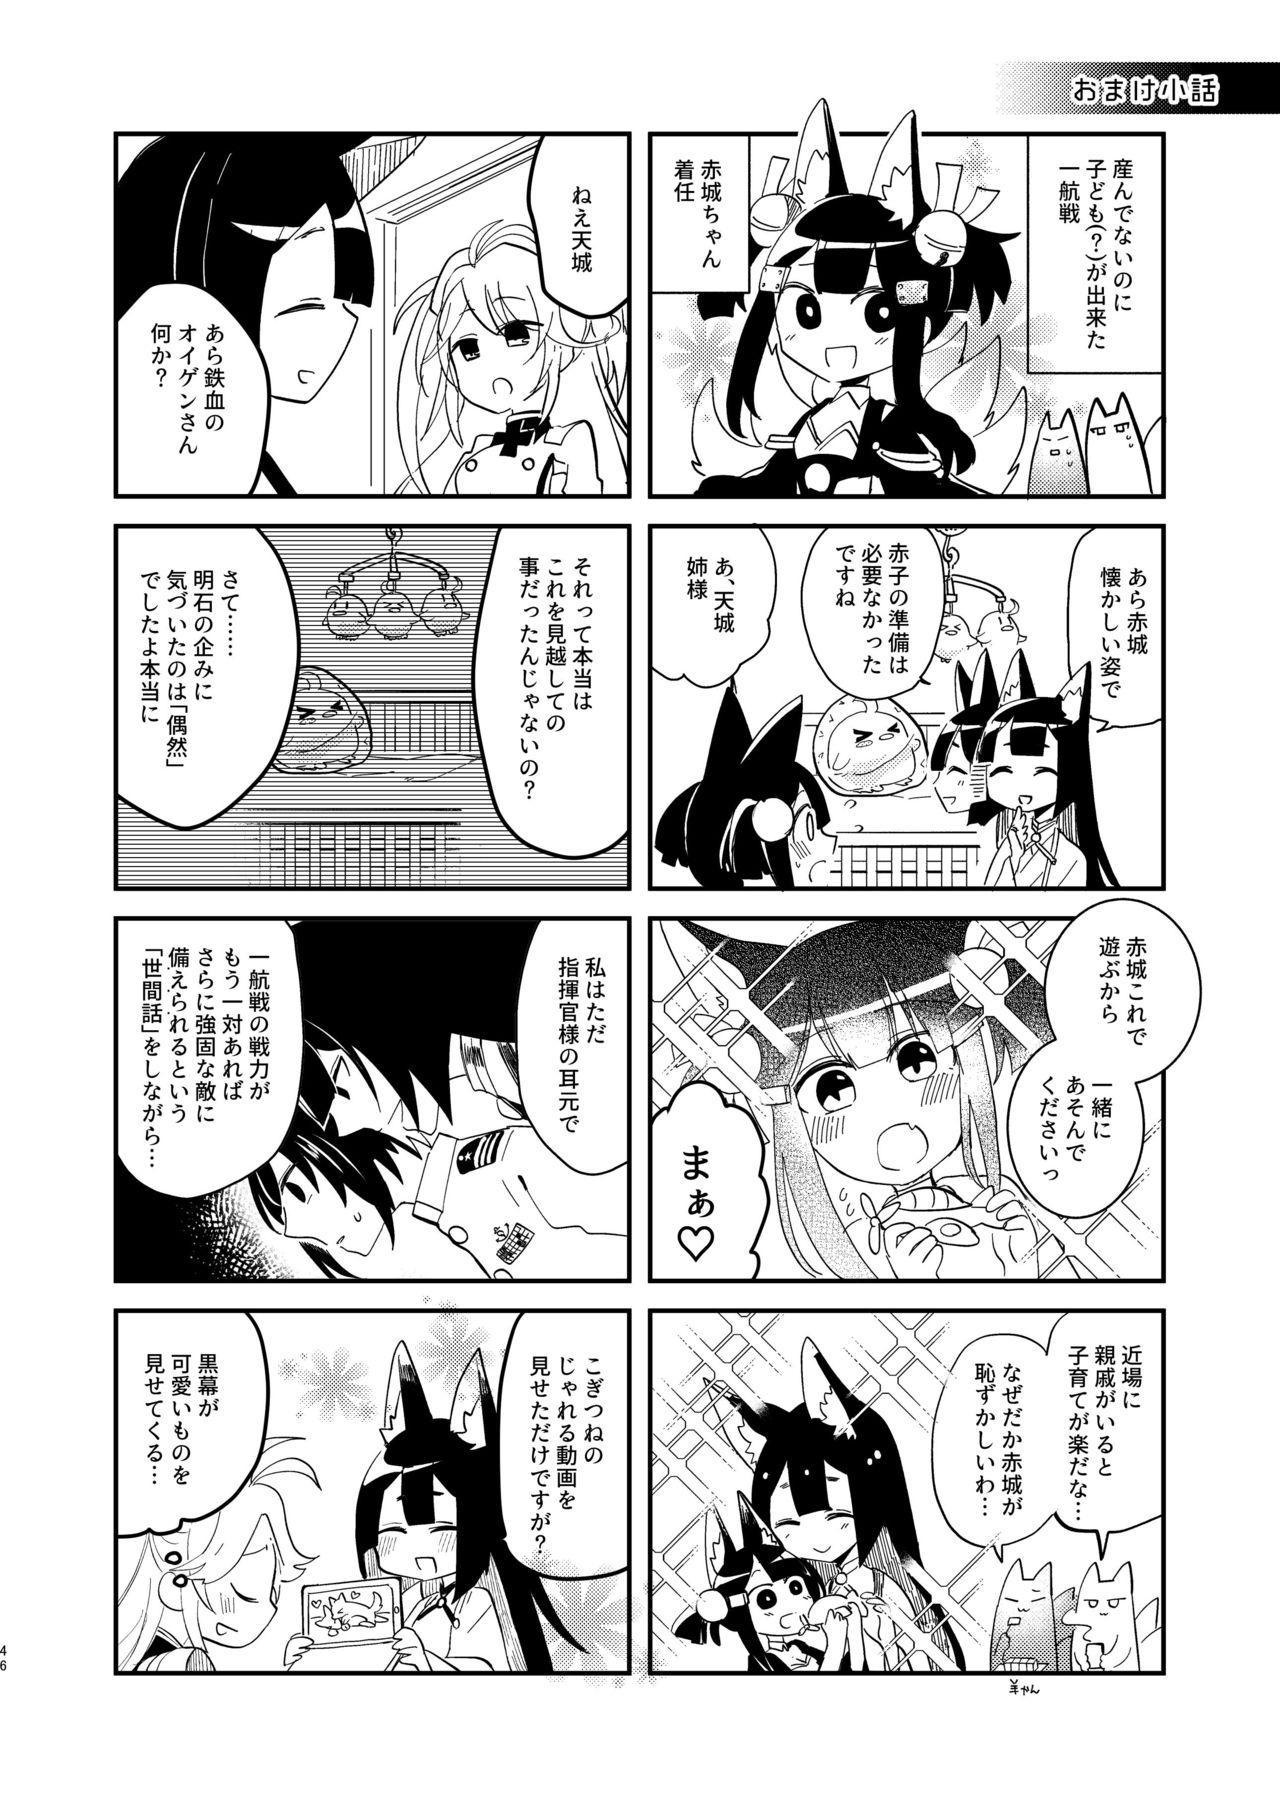 Kitai no Shisugi wa Kinmotsu desu! - Sticks are not necessarily buff 44